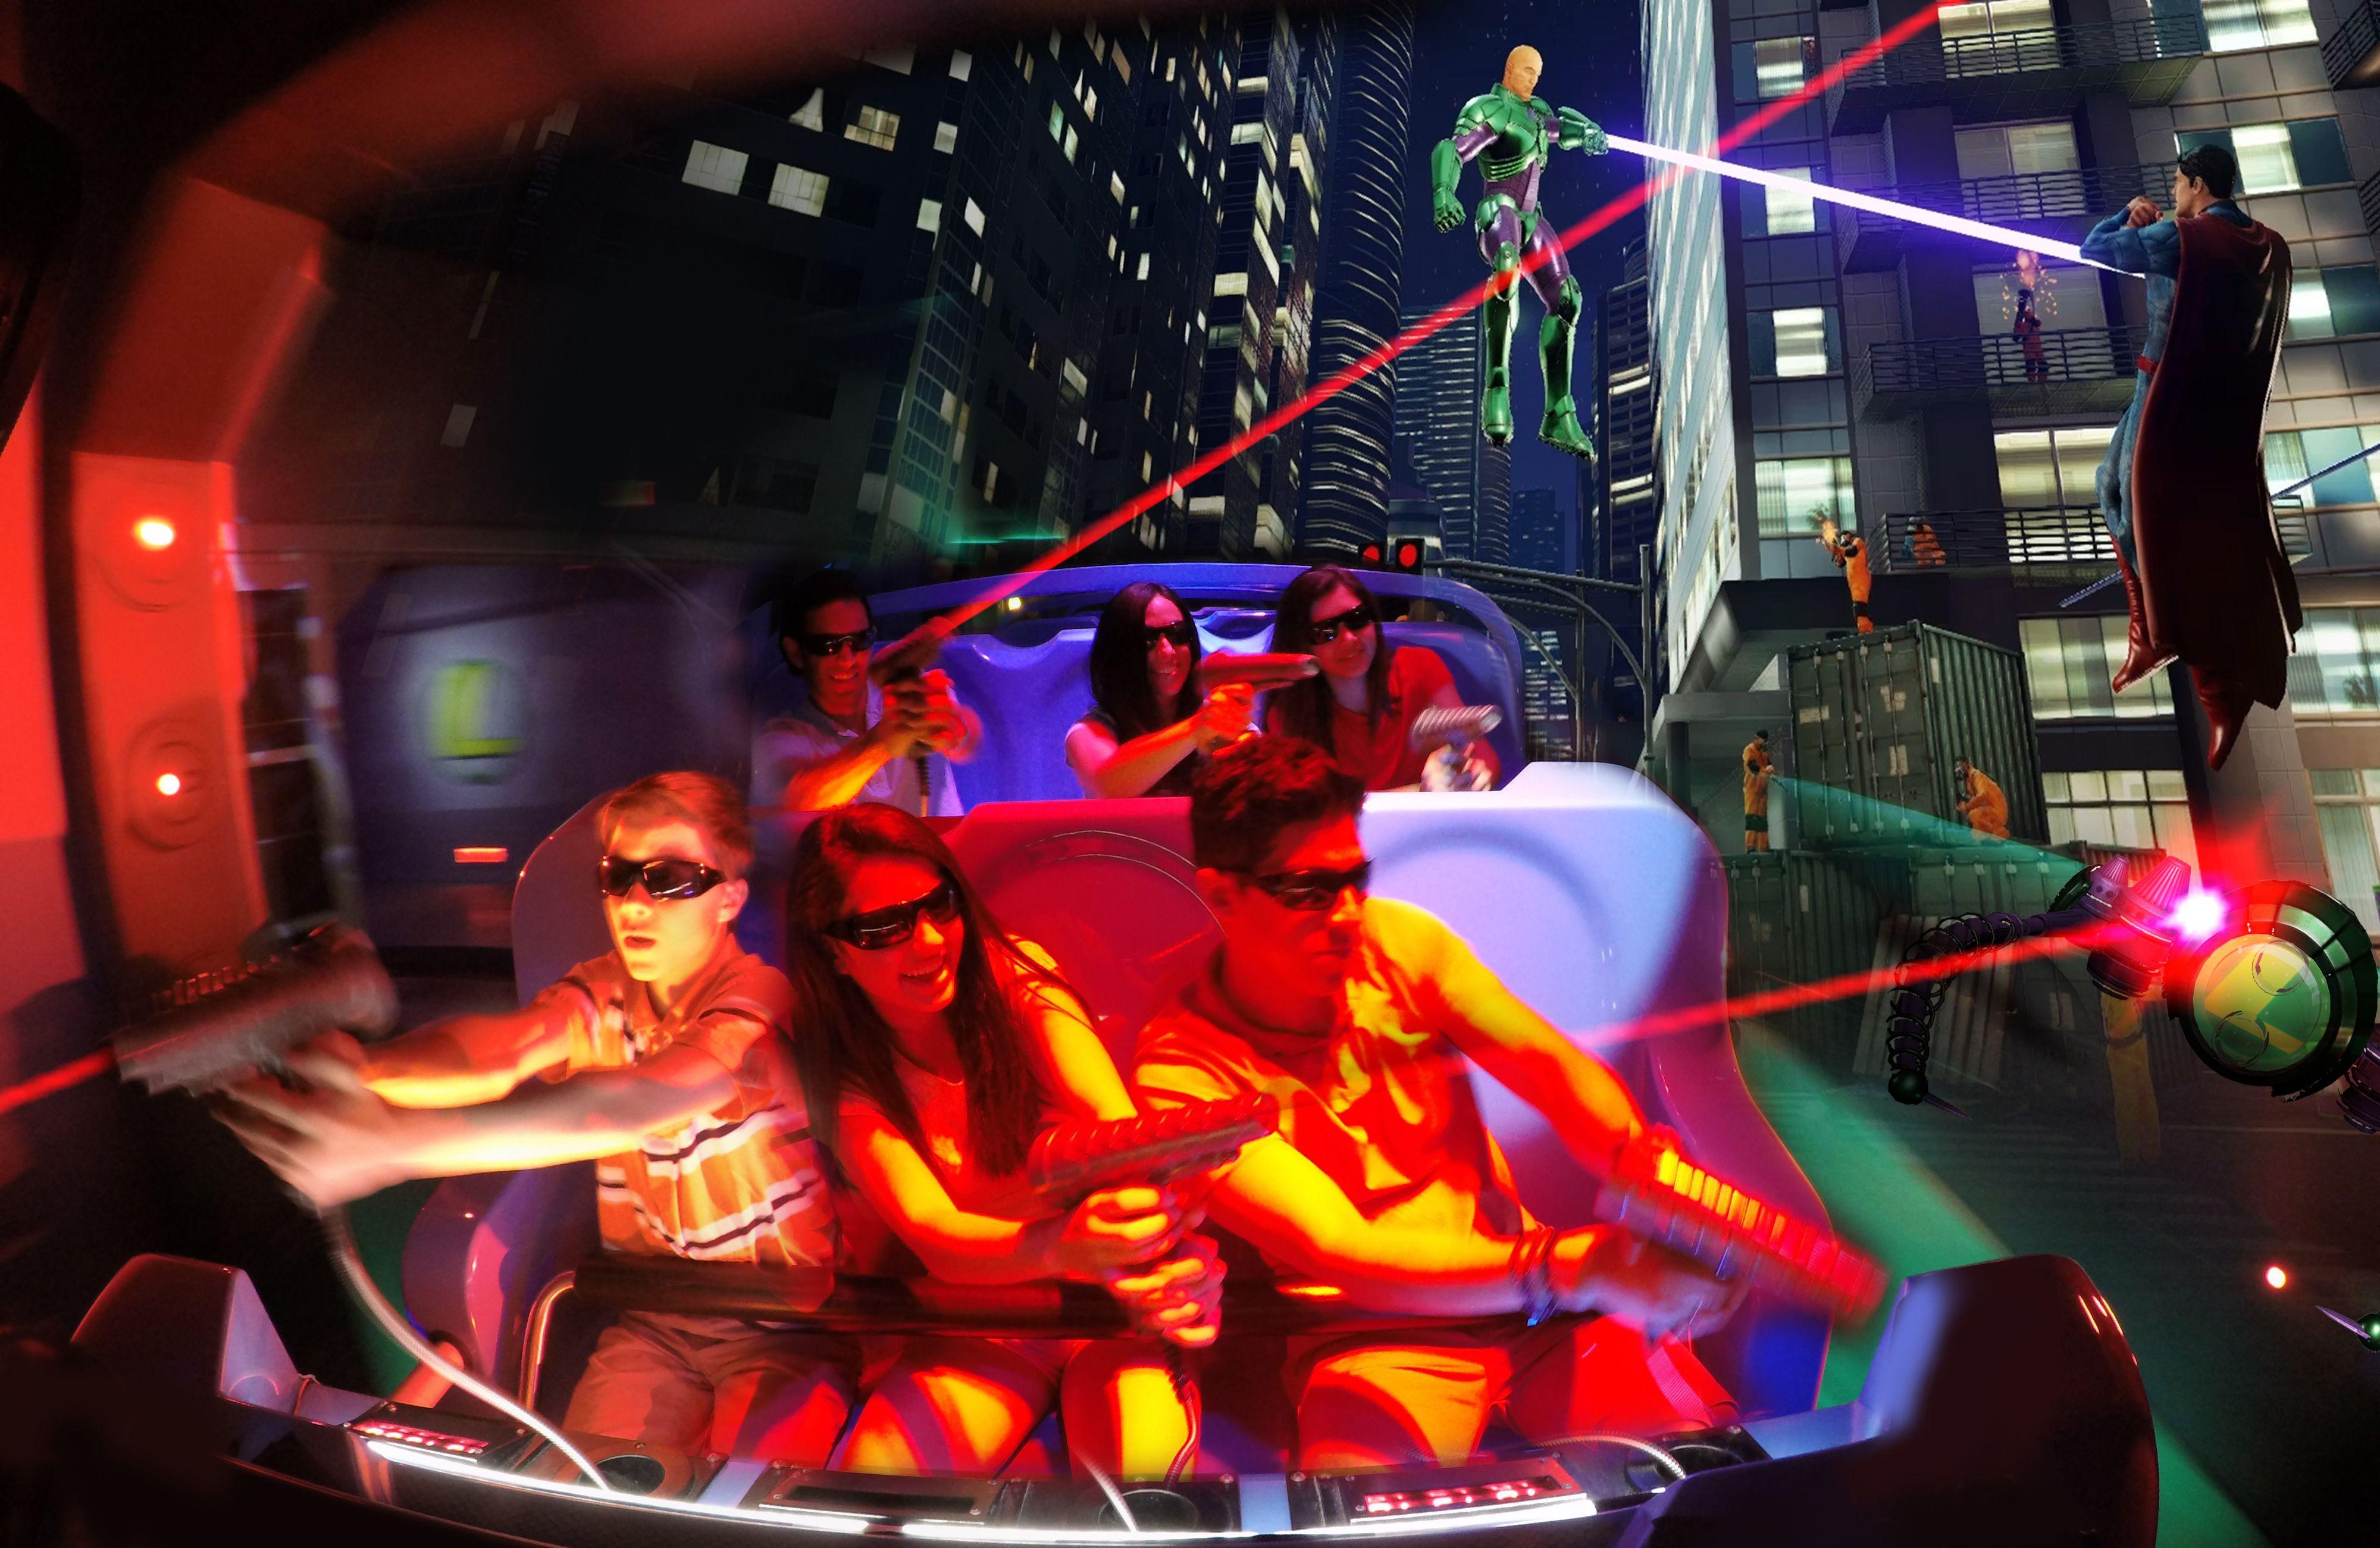 Justice League: Battle for Metropolis Six Flags ride